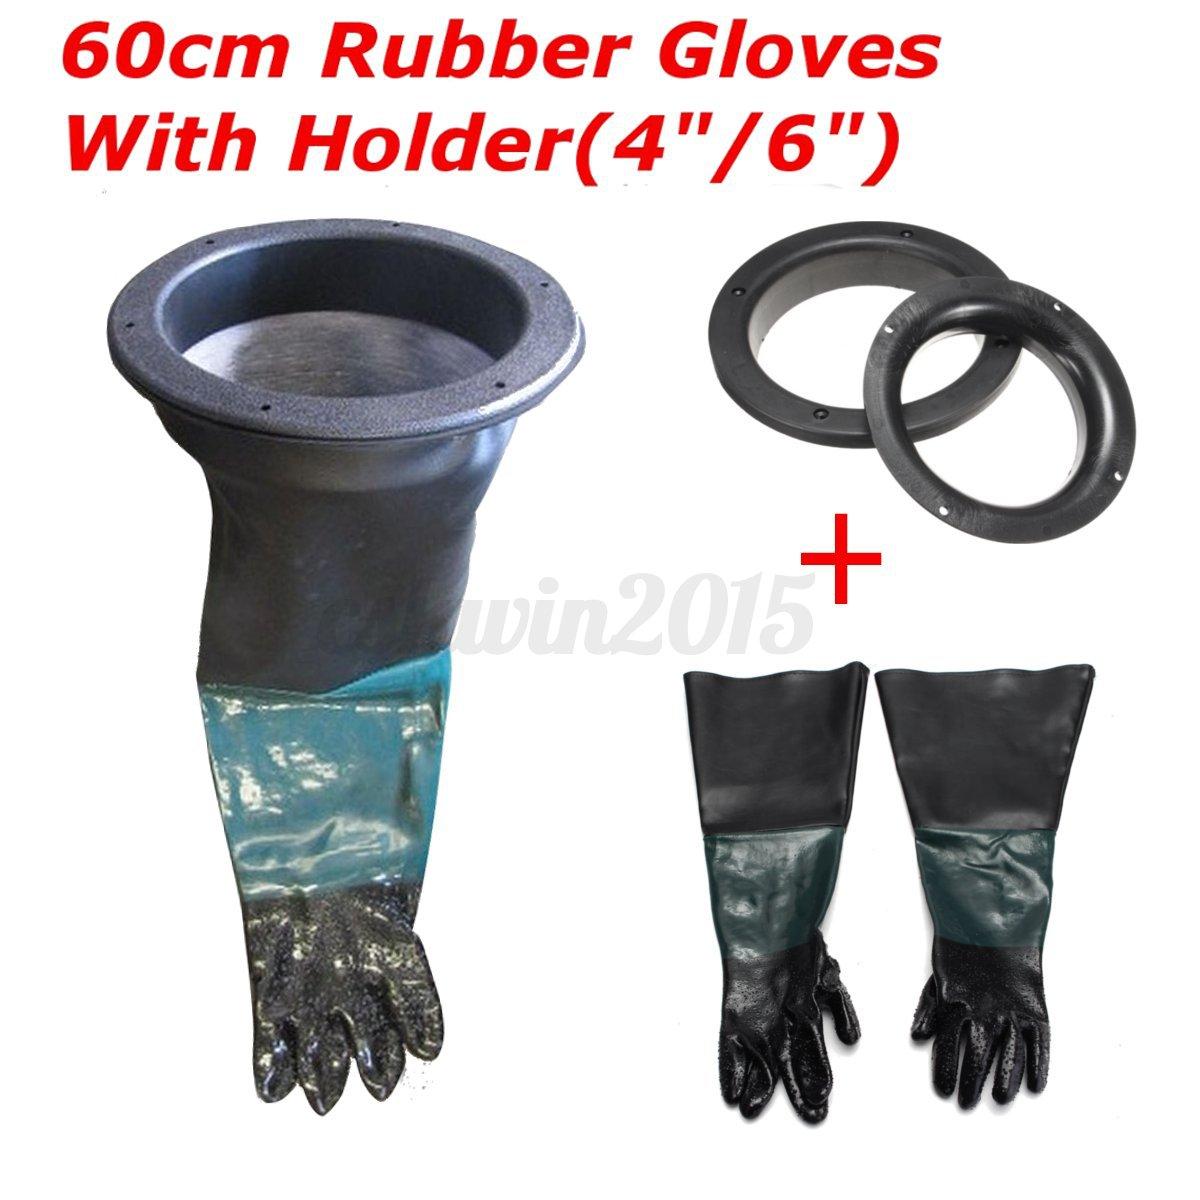 Pair Of Sandblasting Gloves Amp 2pcs Glove Holder For 8